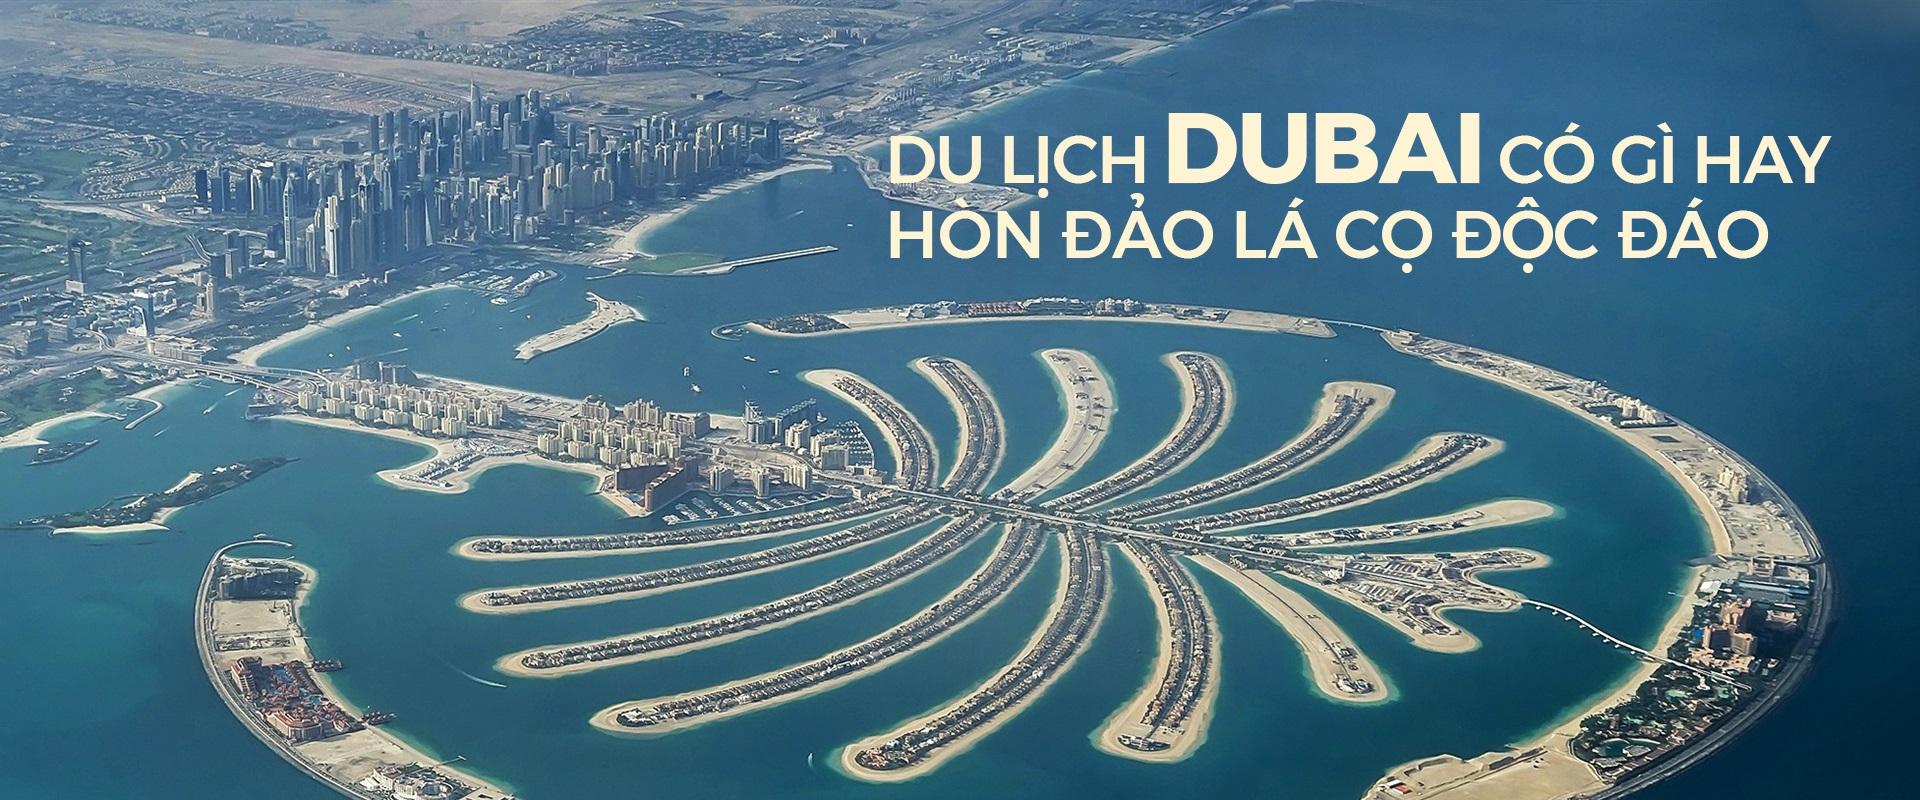 Du lịch Dubai có gì hay: hòn đảo lá cọ độc đáo